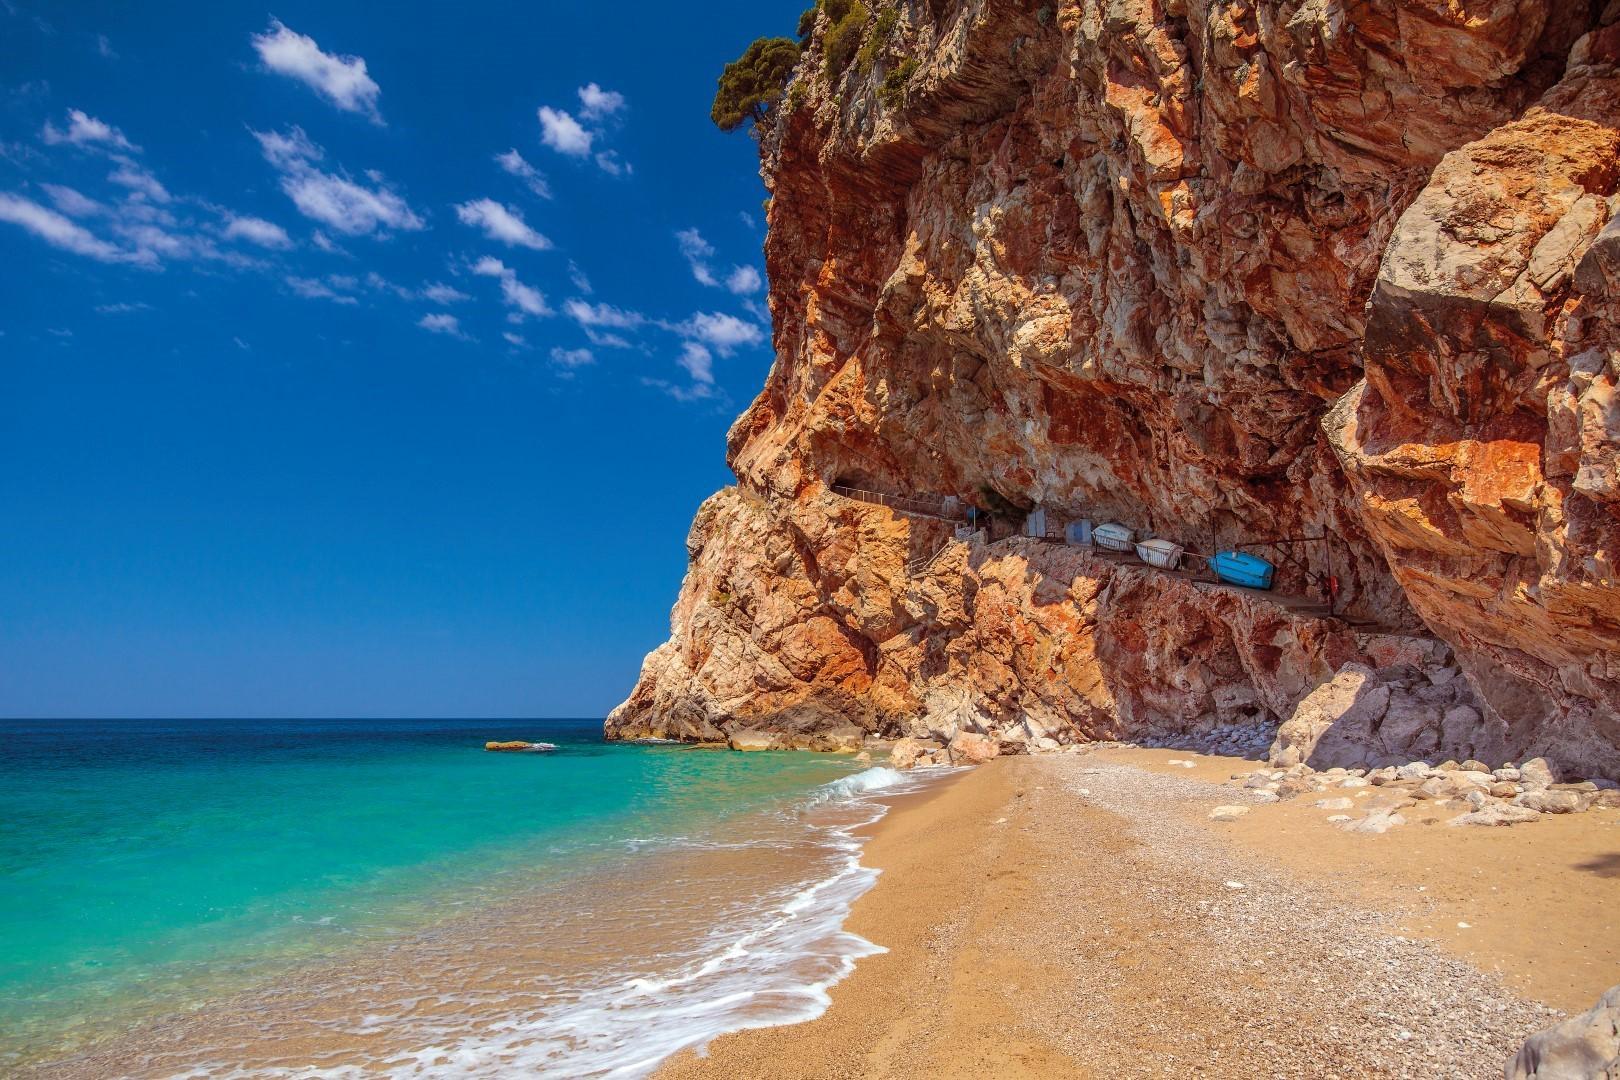 Kroacia e mijëra plazheve, por 10 janë spektakolarë (Foto)